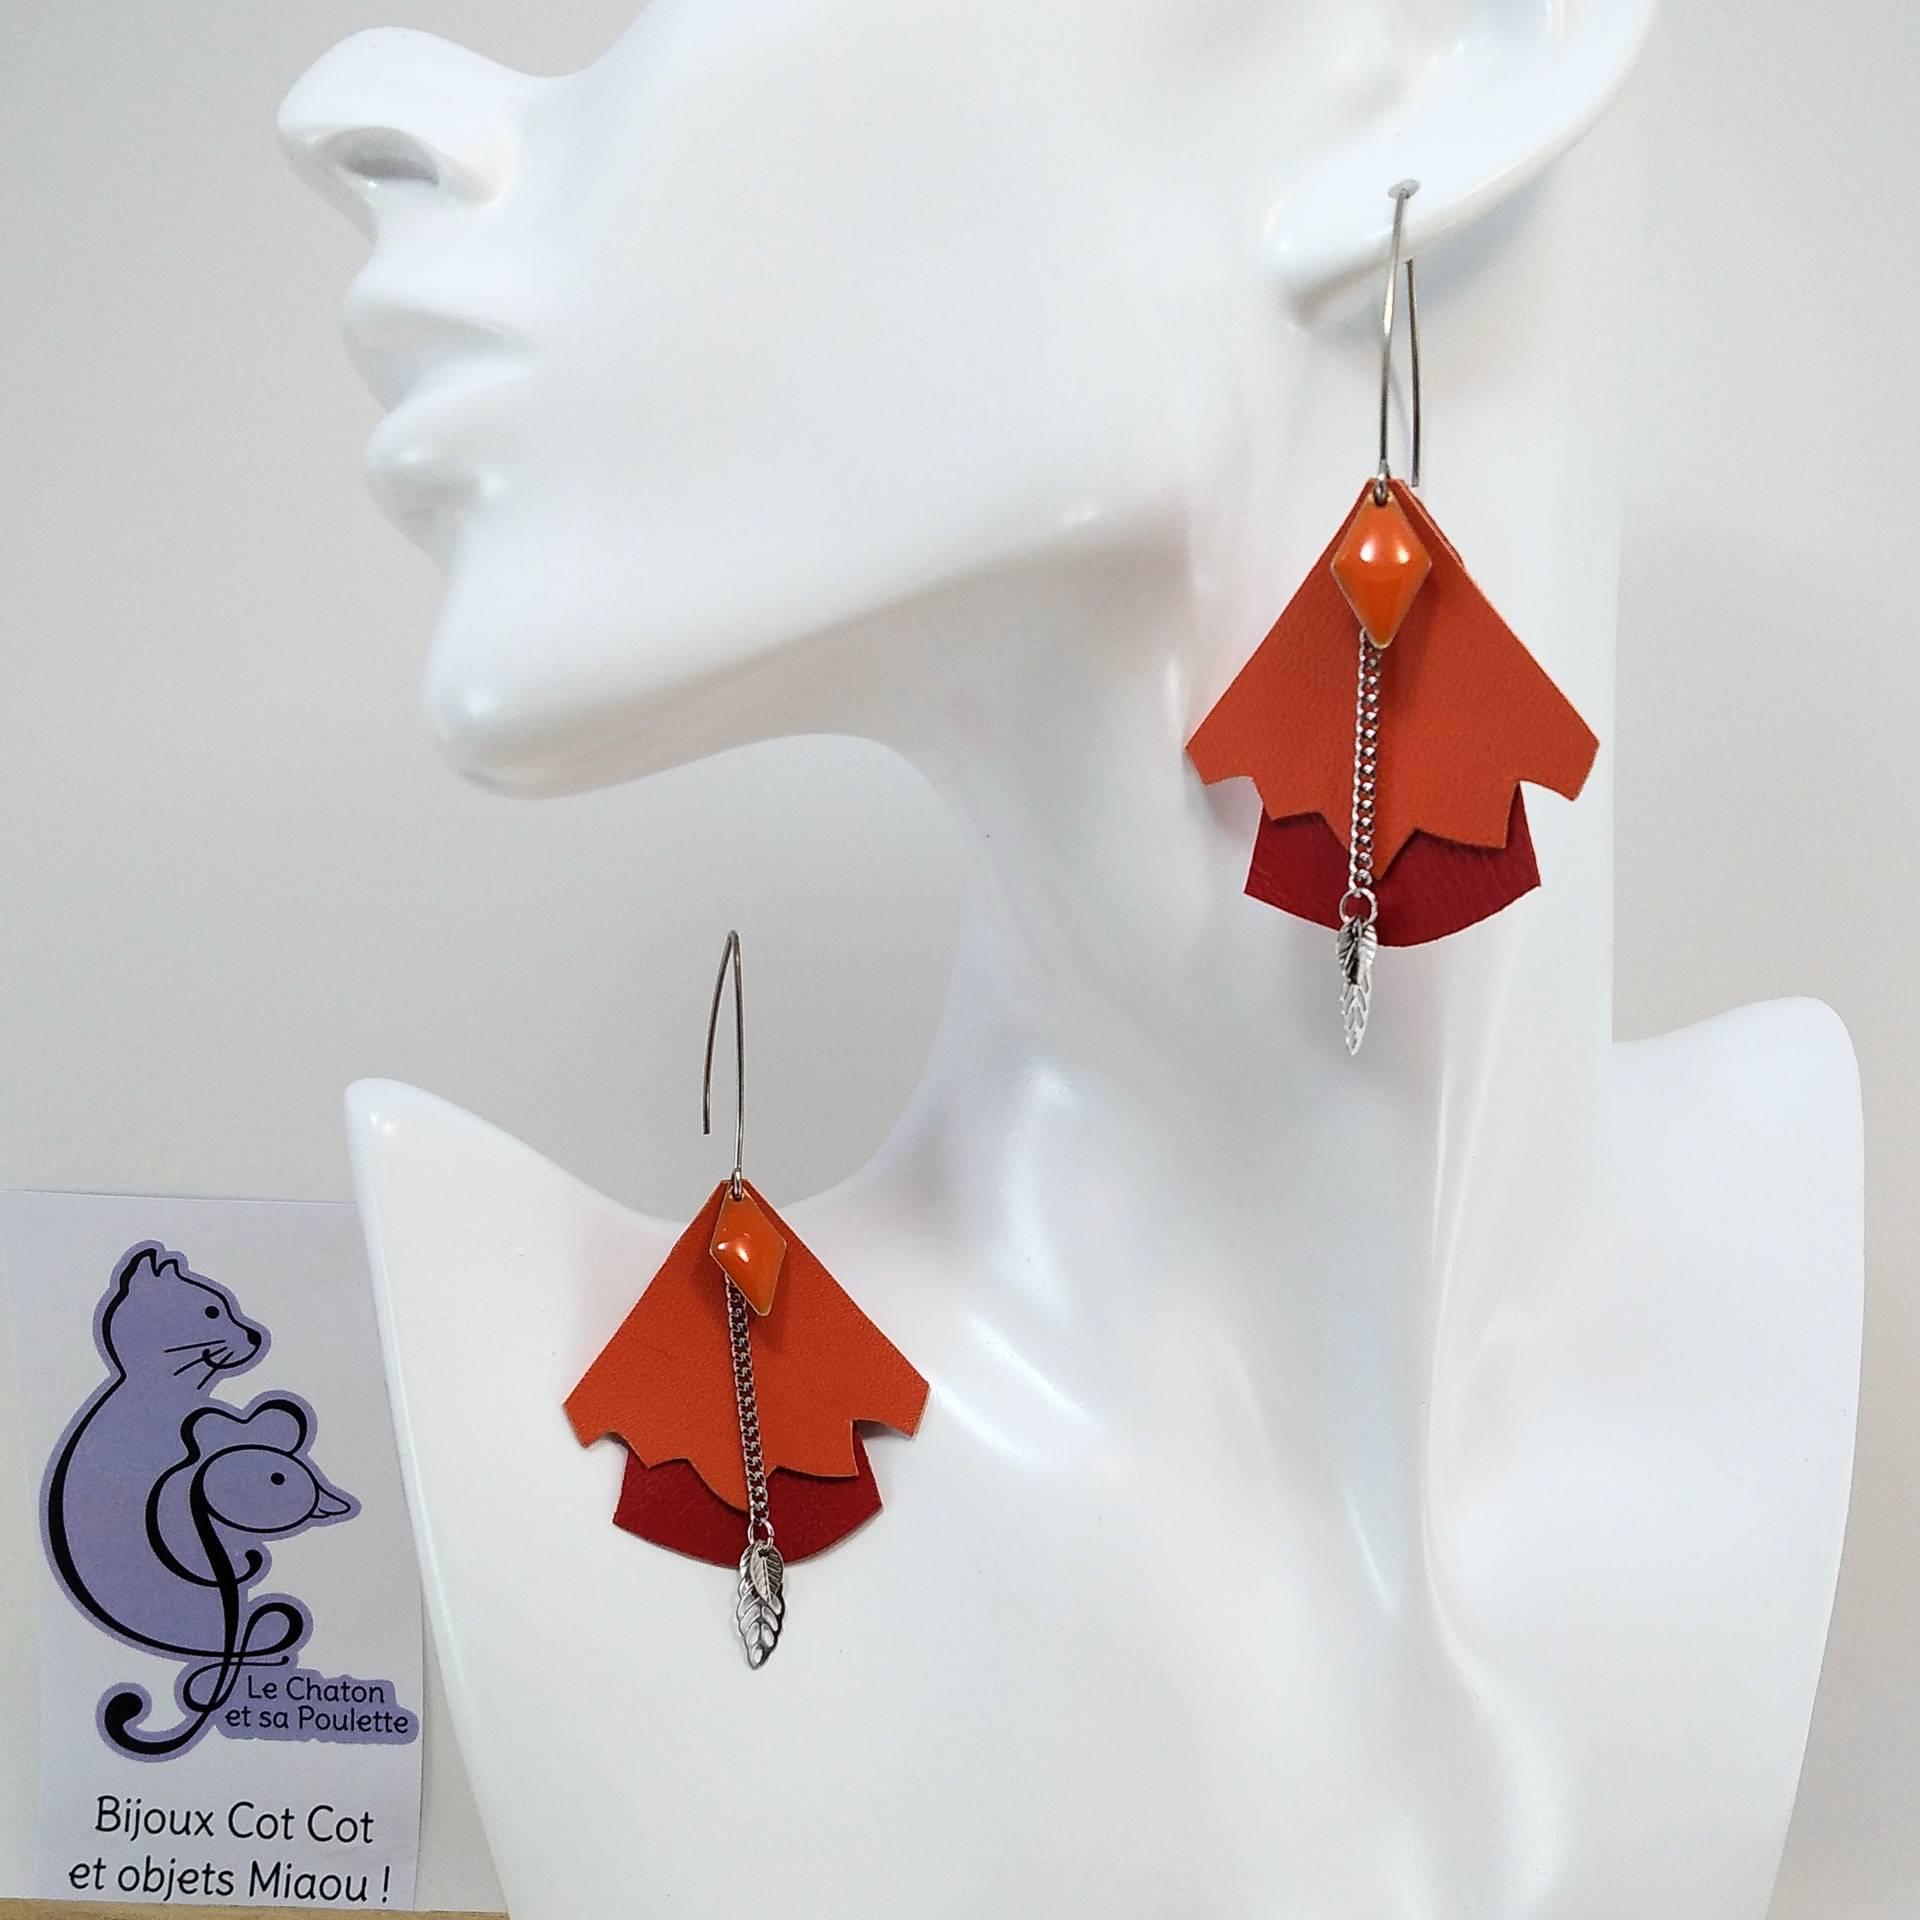 BO FORMIDABLE modèle n°5 Cuirs orange et rouge, breloque diamant orange